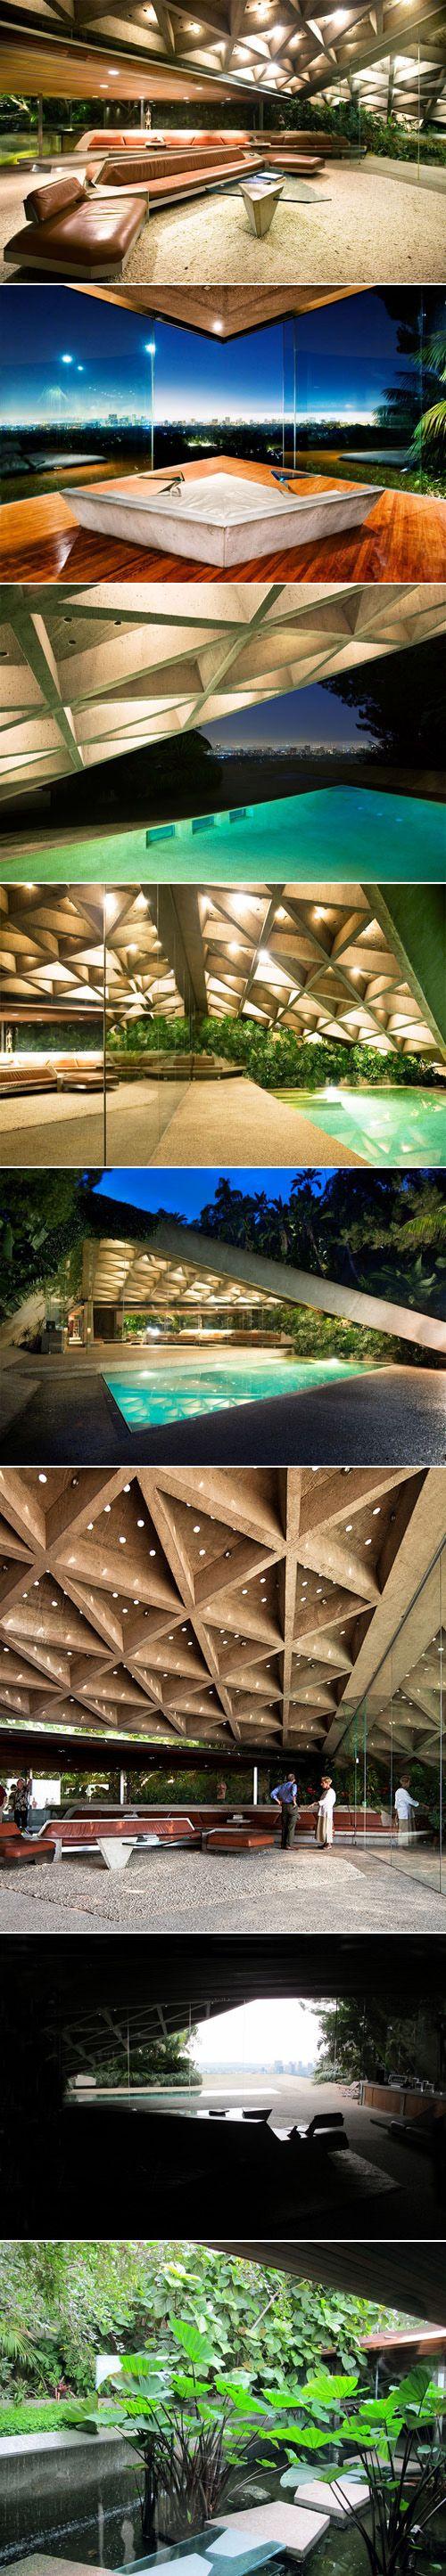 Lautner-Sheats/ Goldstein house